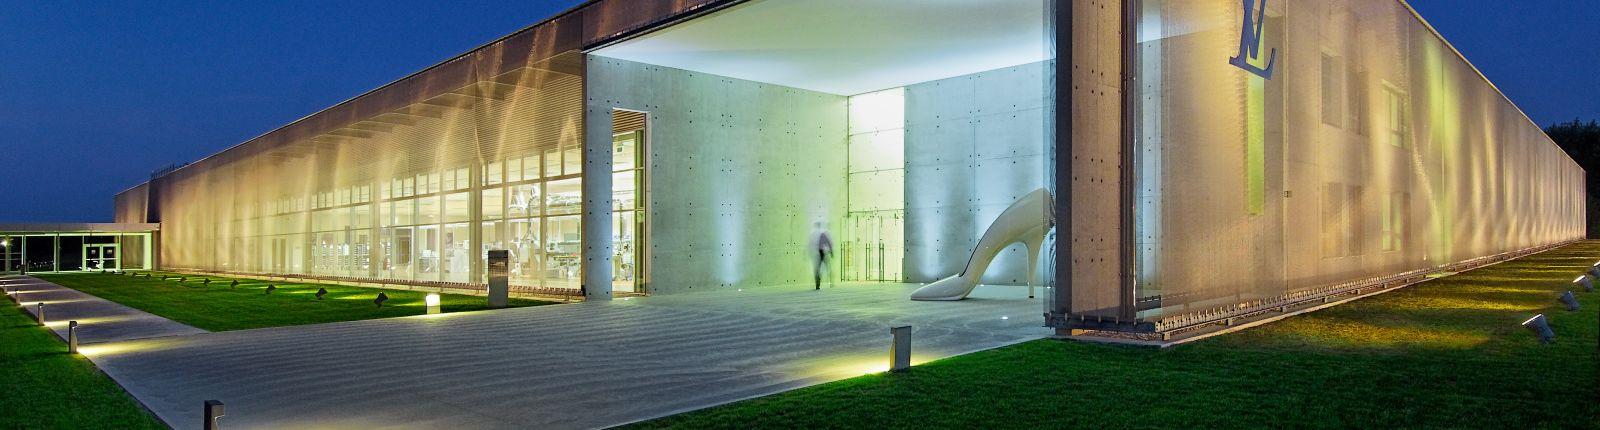 Glänzende Architekturgewebe-Hülle: Louis Vuitton Manufaktur